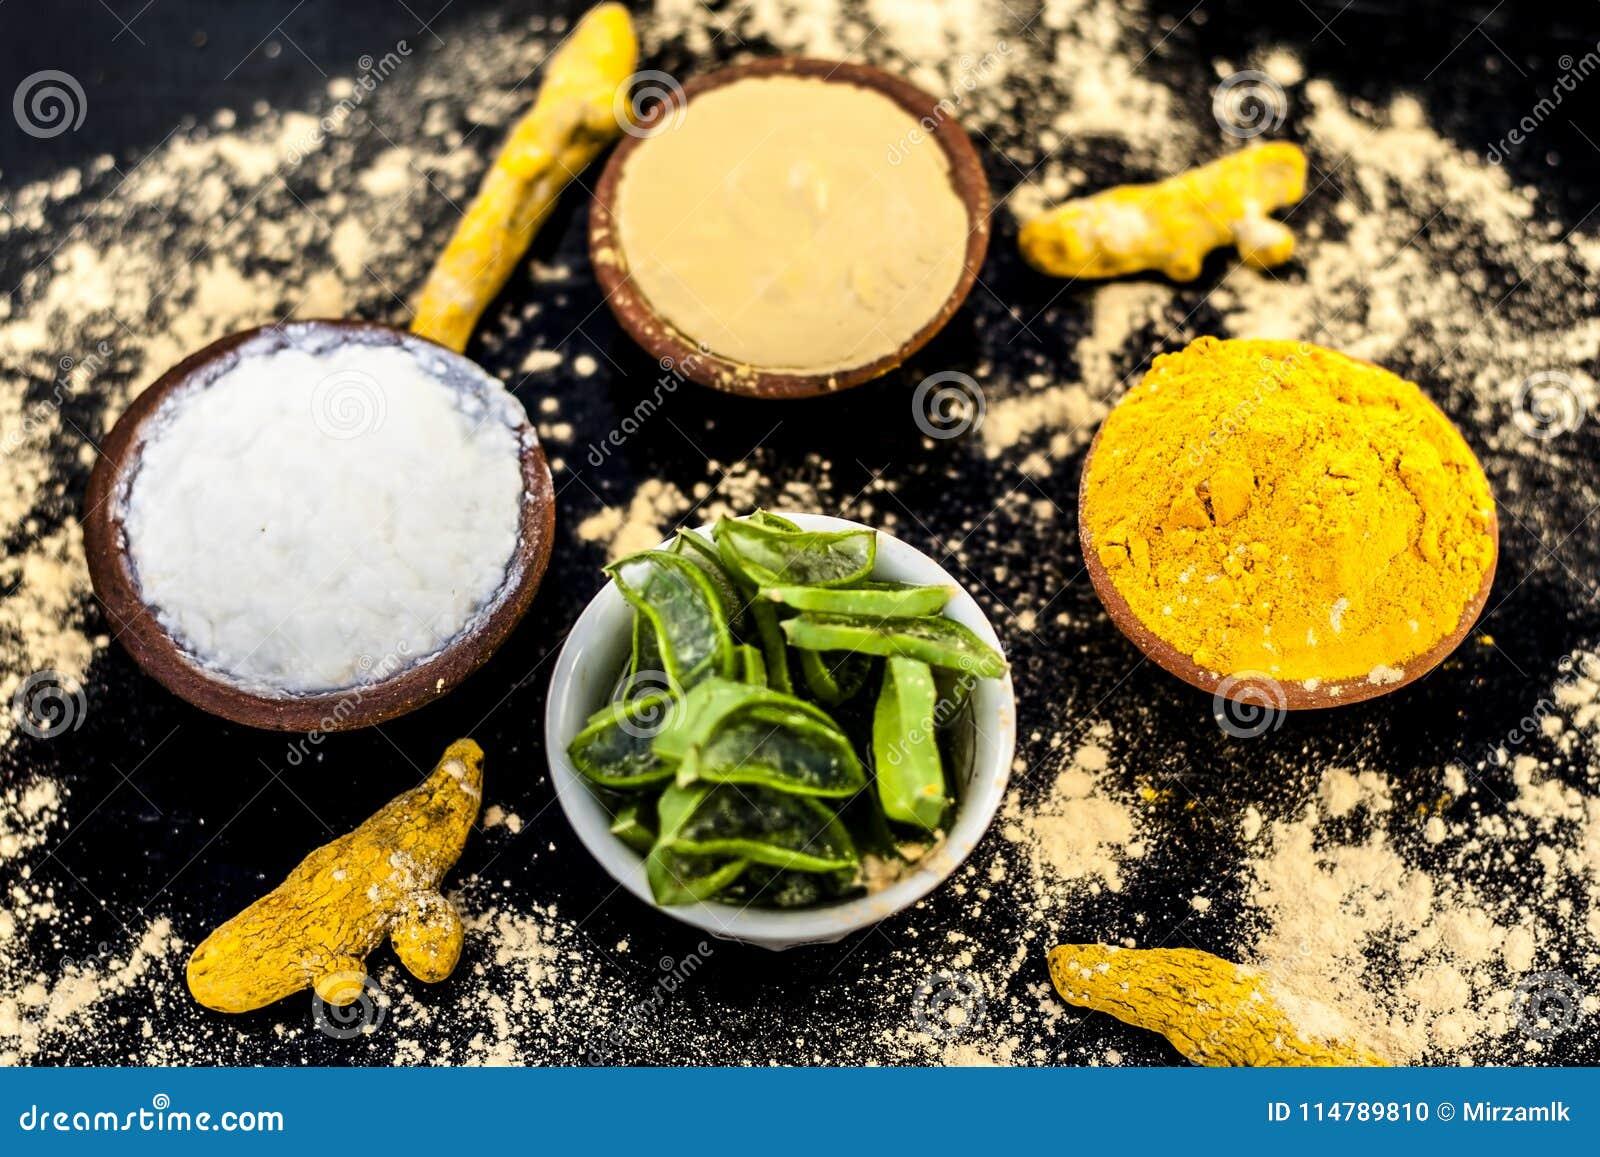 Haldi ubtan con tutti gli ingredienti necessari